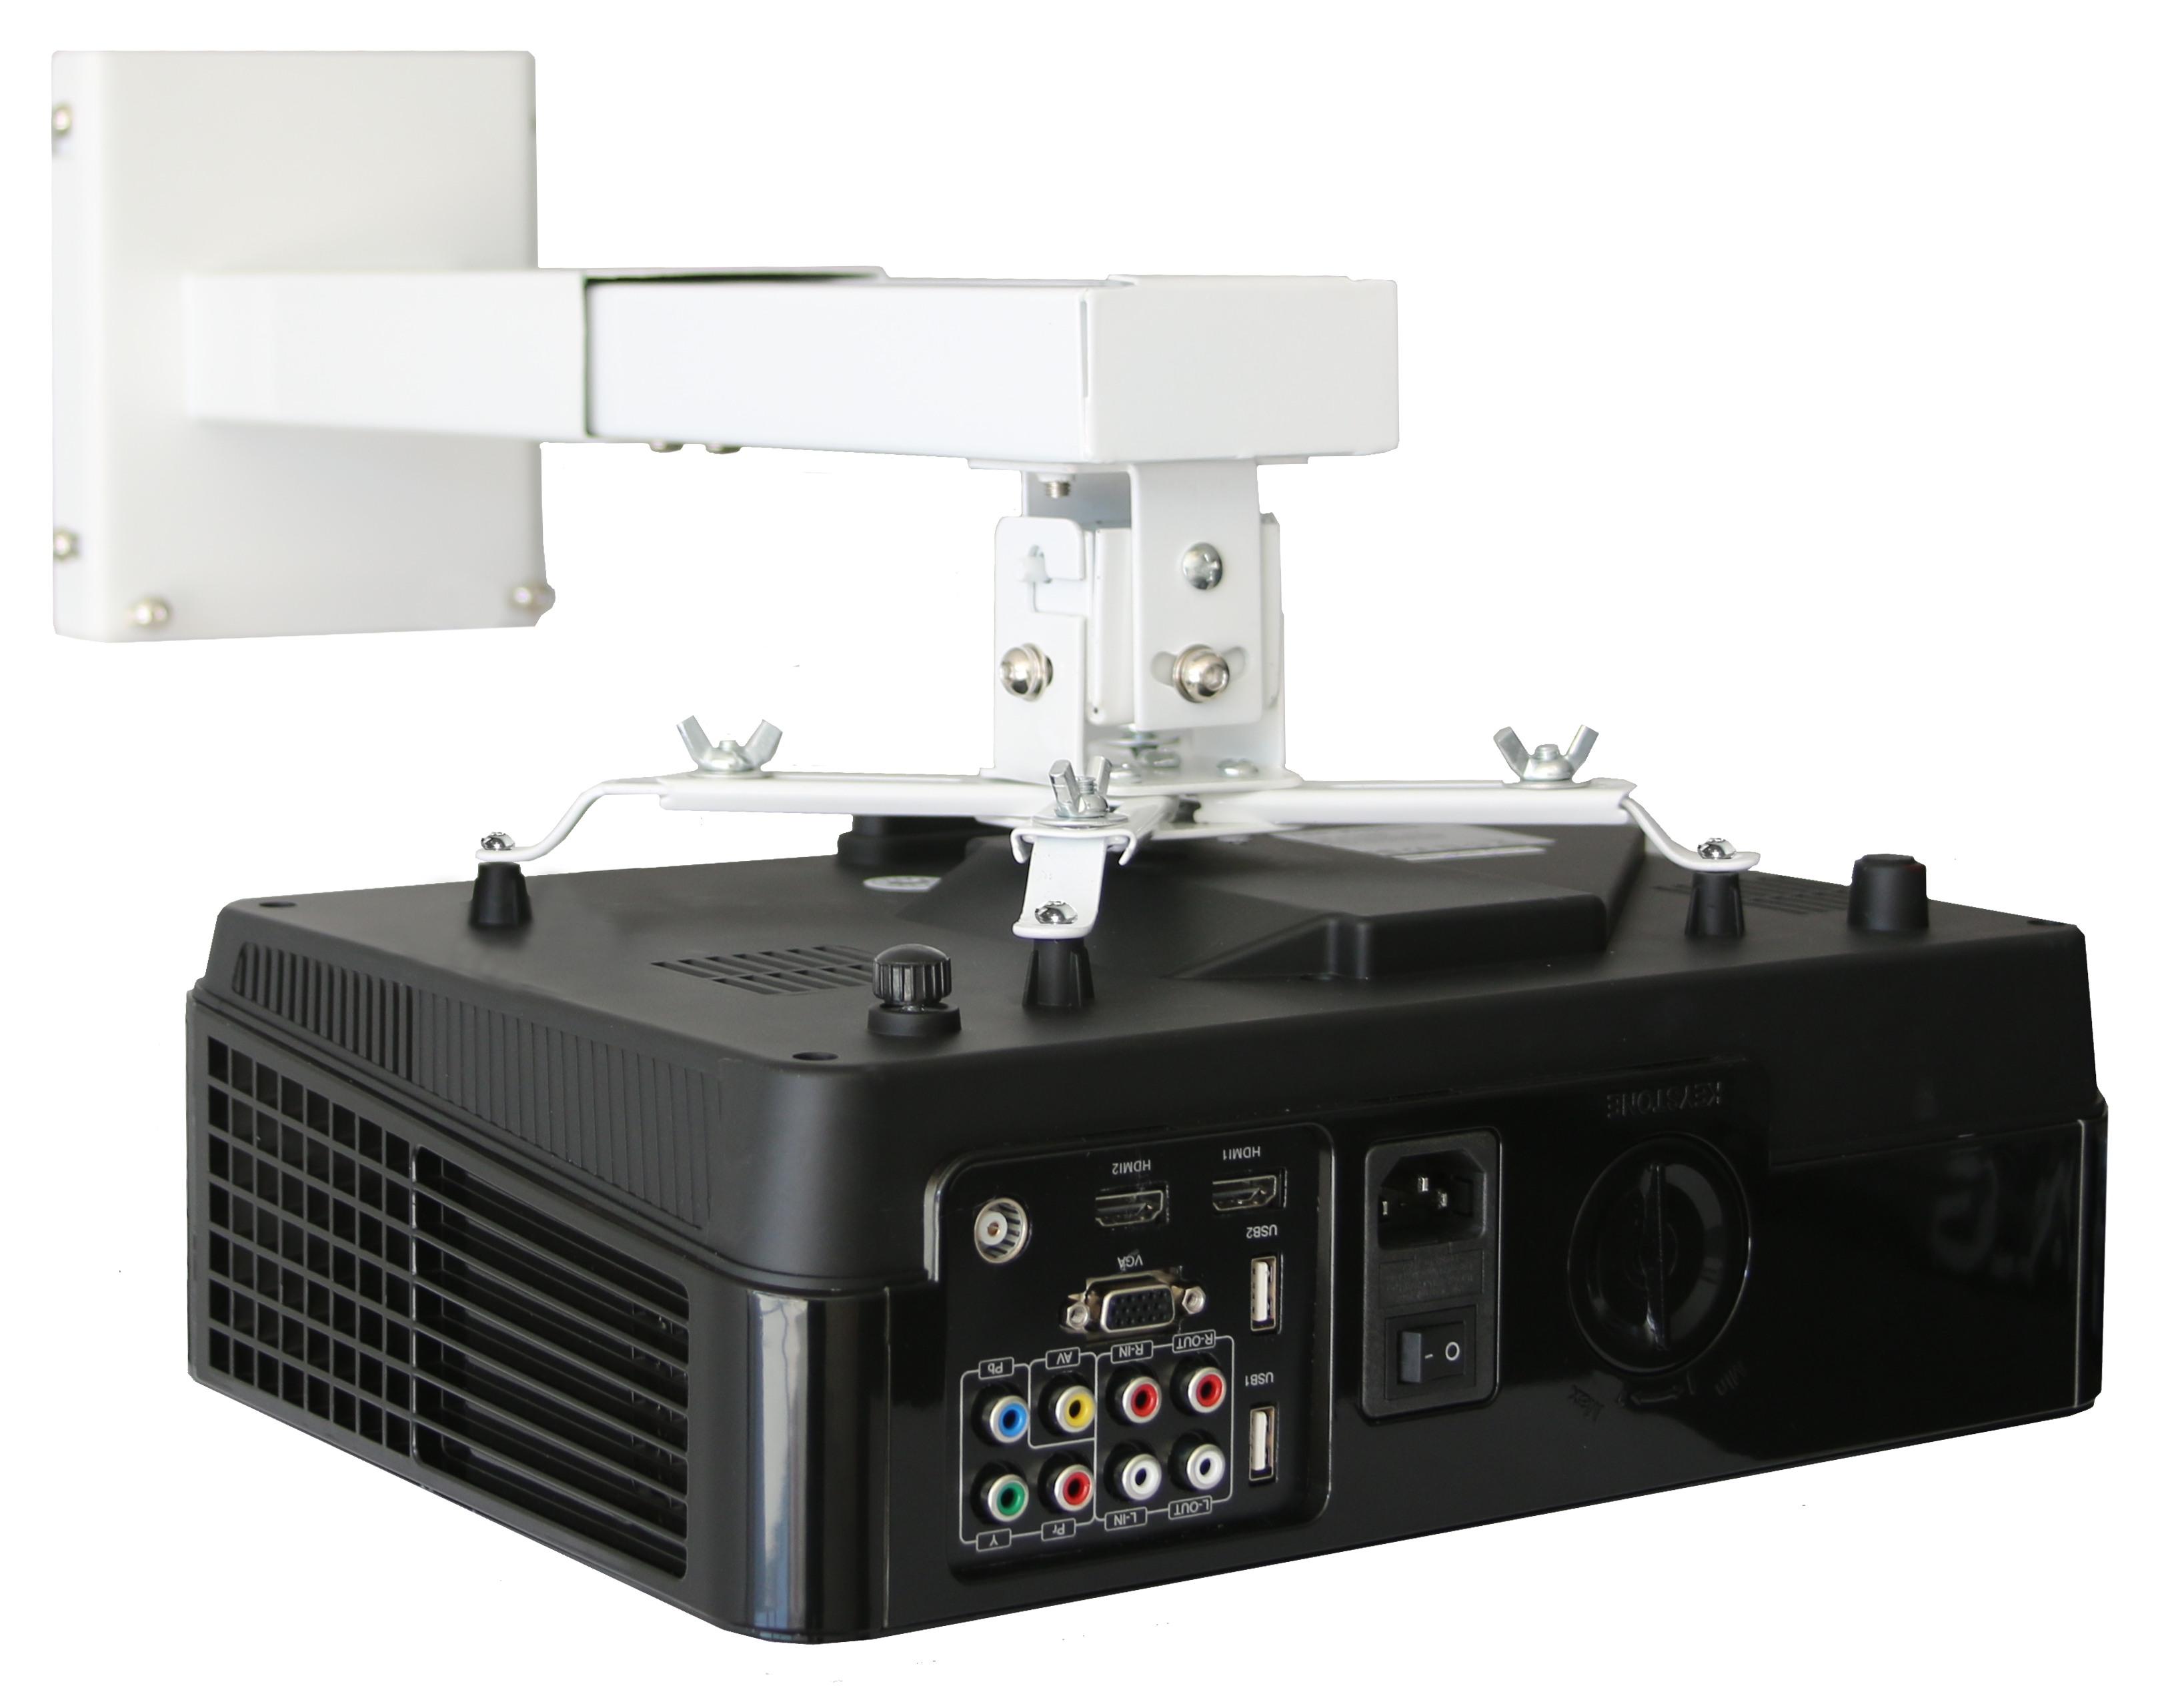 Soporte de pared universal para proyector 115 hasta 153cm - Soporte pared proyector ...